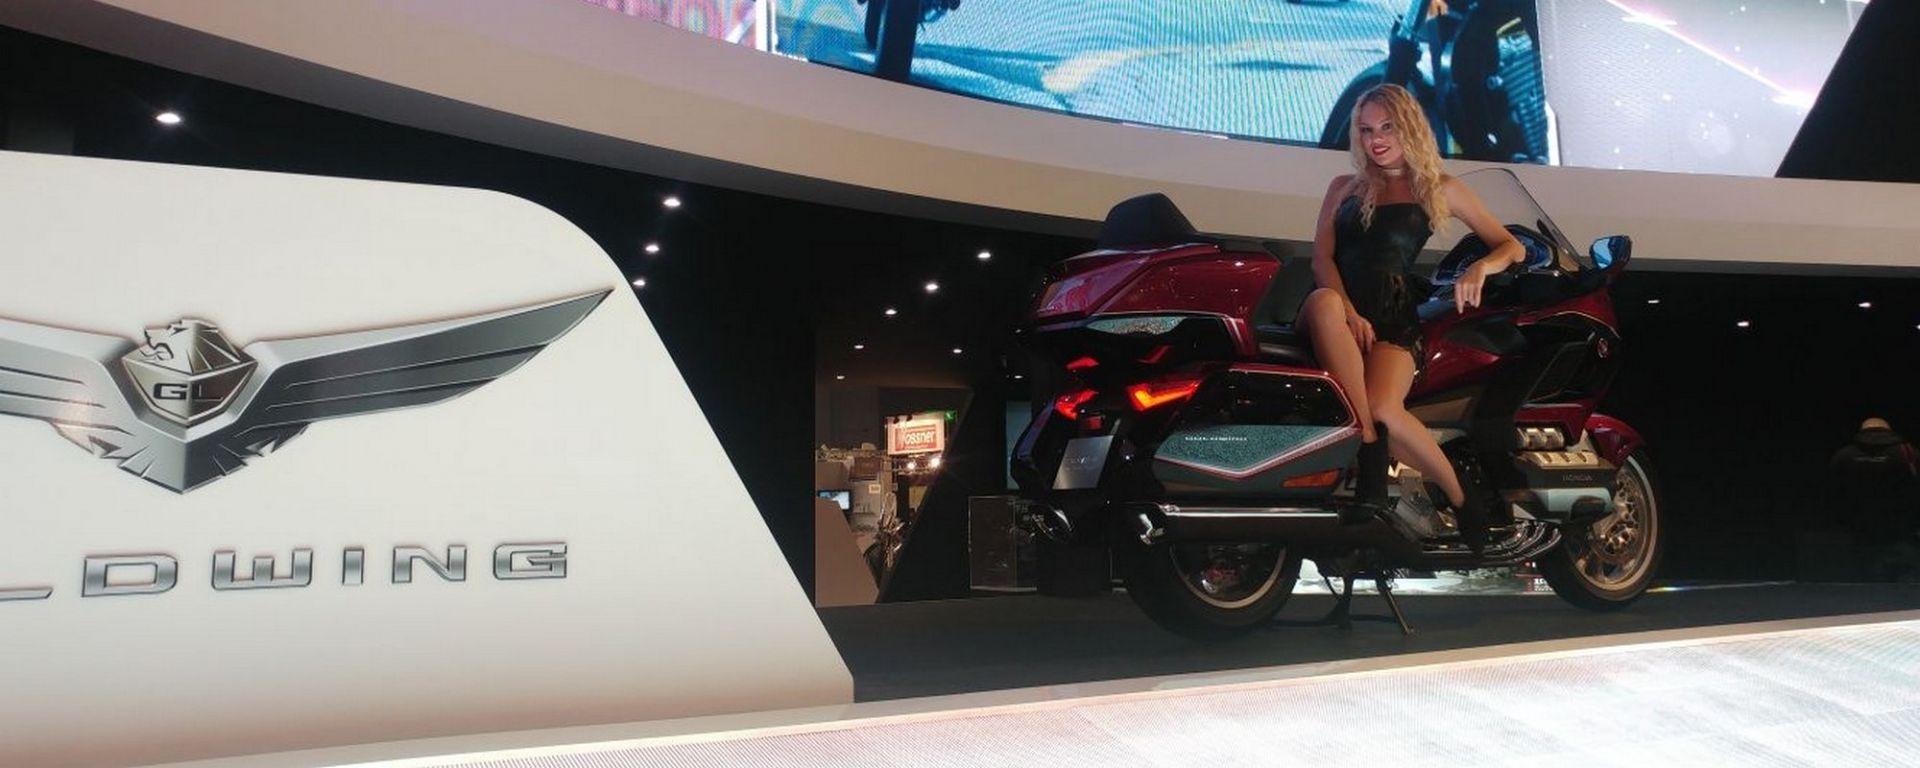 EICMA 2017: le novità allo stand Honda - MotorBox